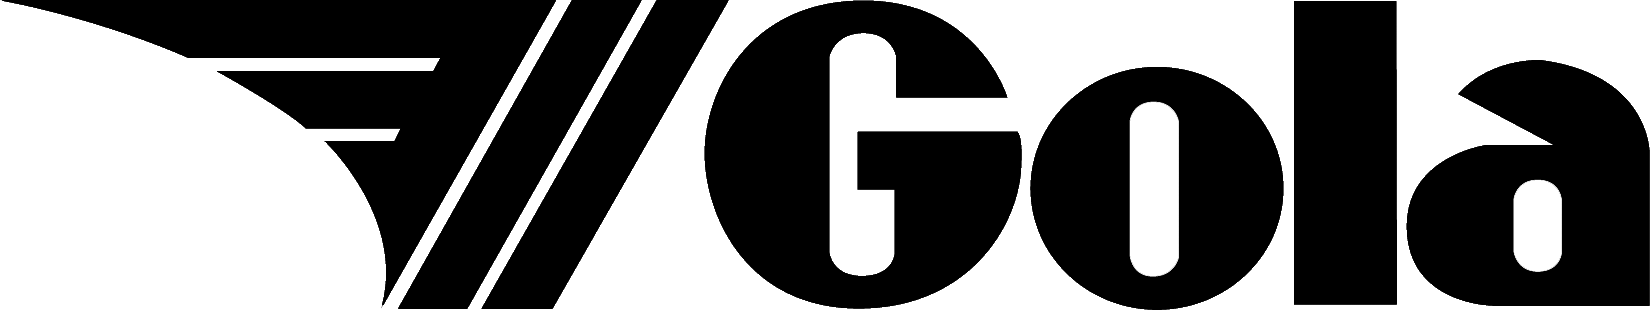 Gola httpsuploadwikimediaorgwikipediafrdddGol